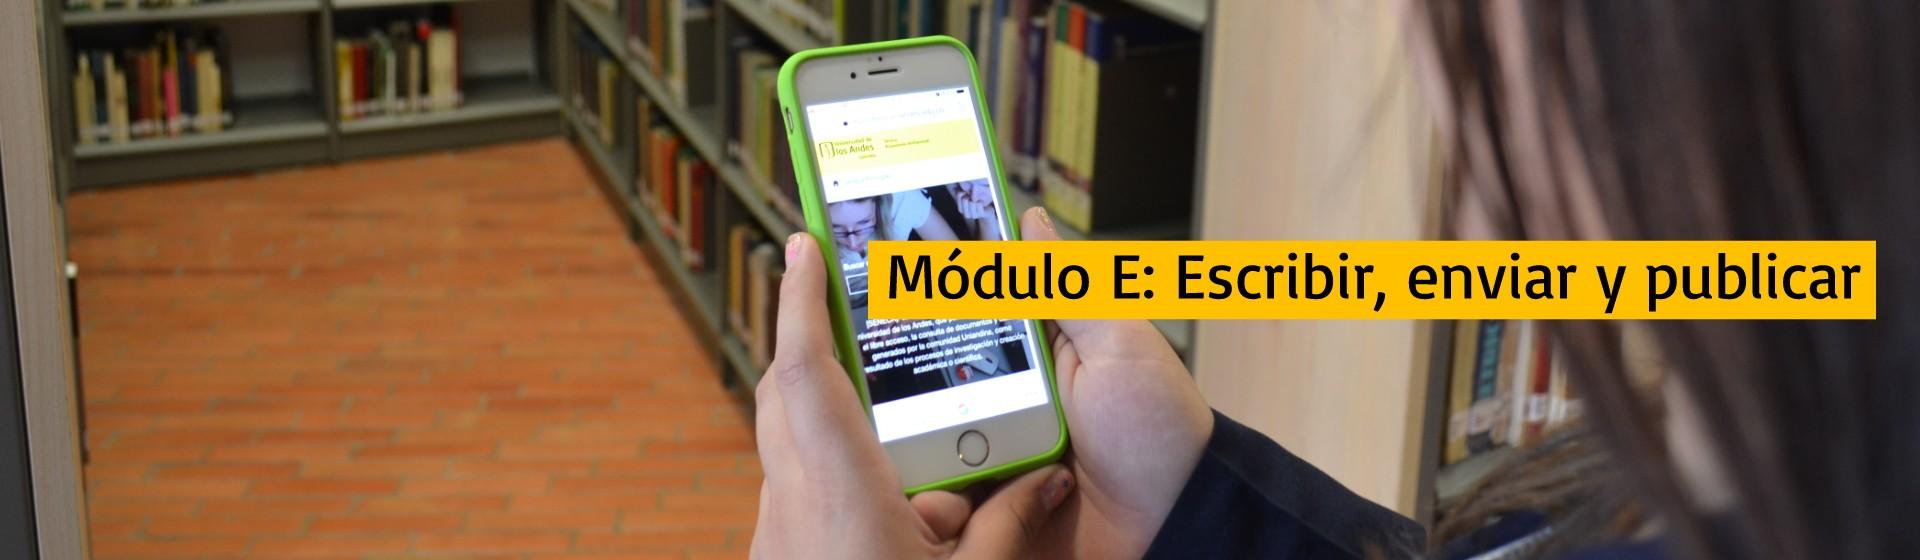 Módulo E: Escribir, enviar y publicar | Uniandes